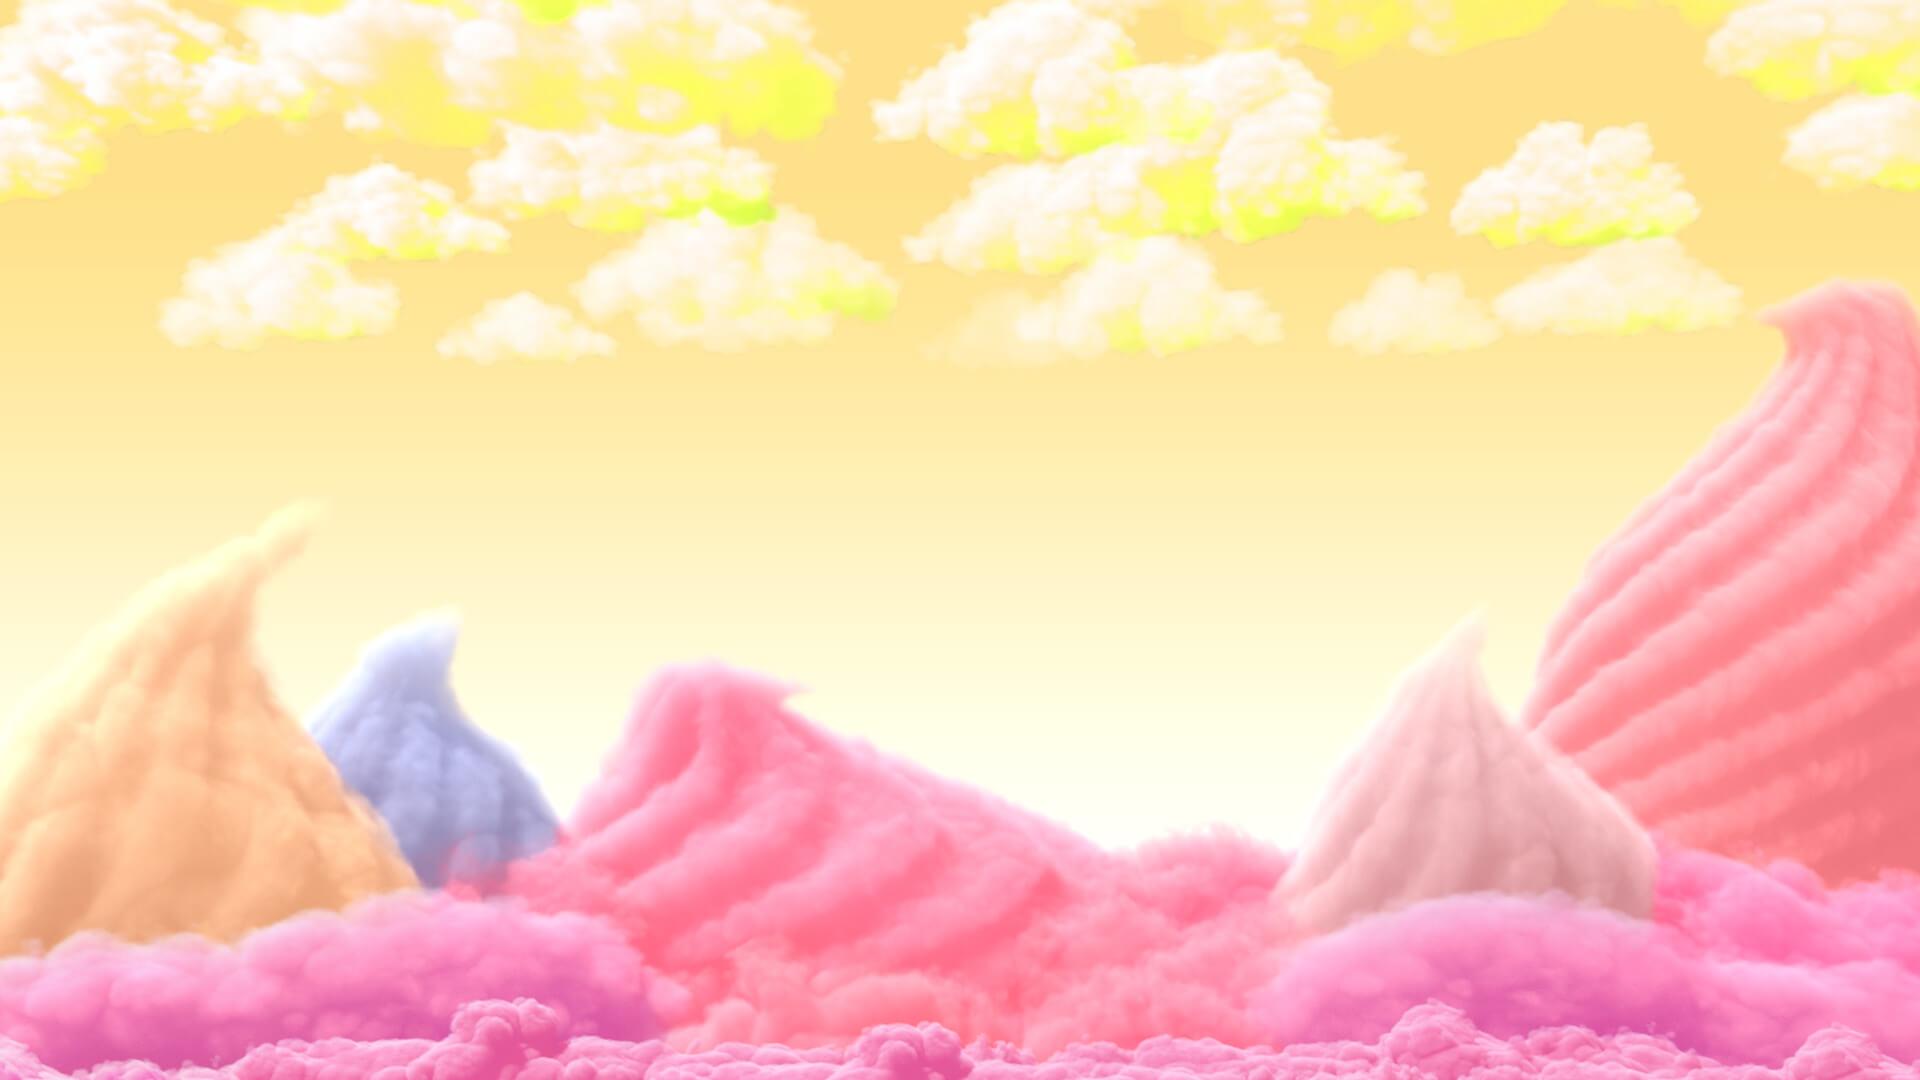 Hintergrund mit hoher Auflösung Sugar Pop 2